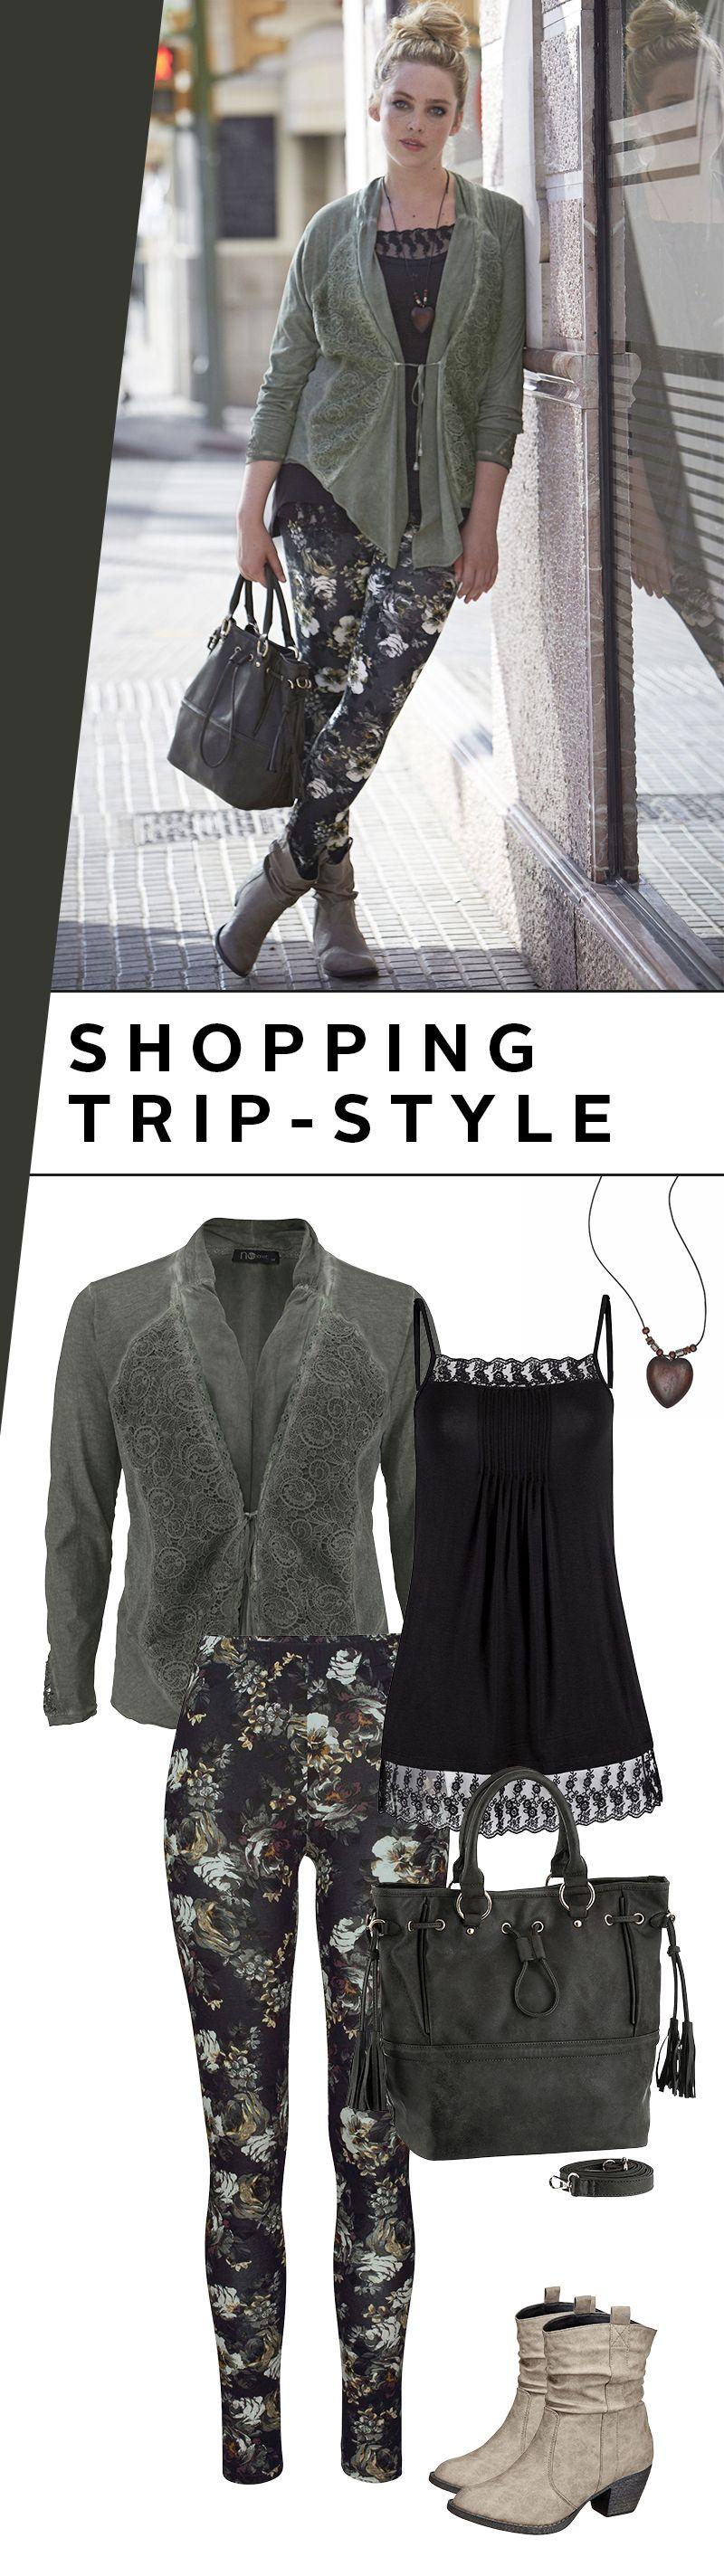 Kalt, warm, Wind, Klimaanlage – für einen Shopping Trip im ...